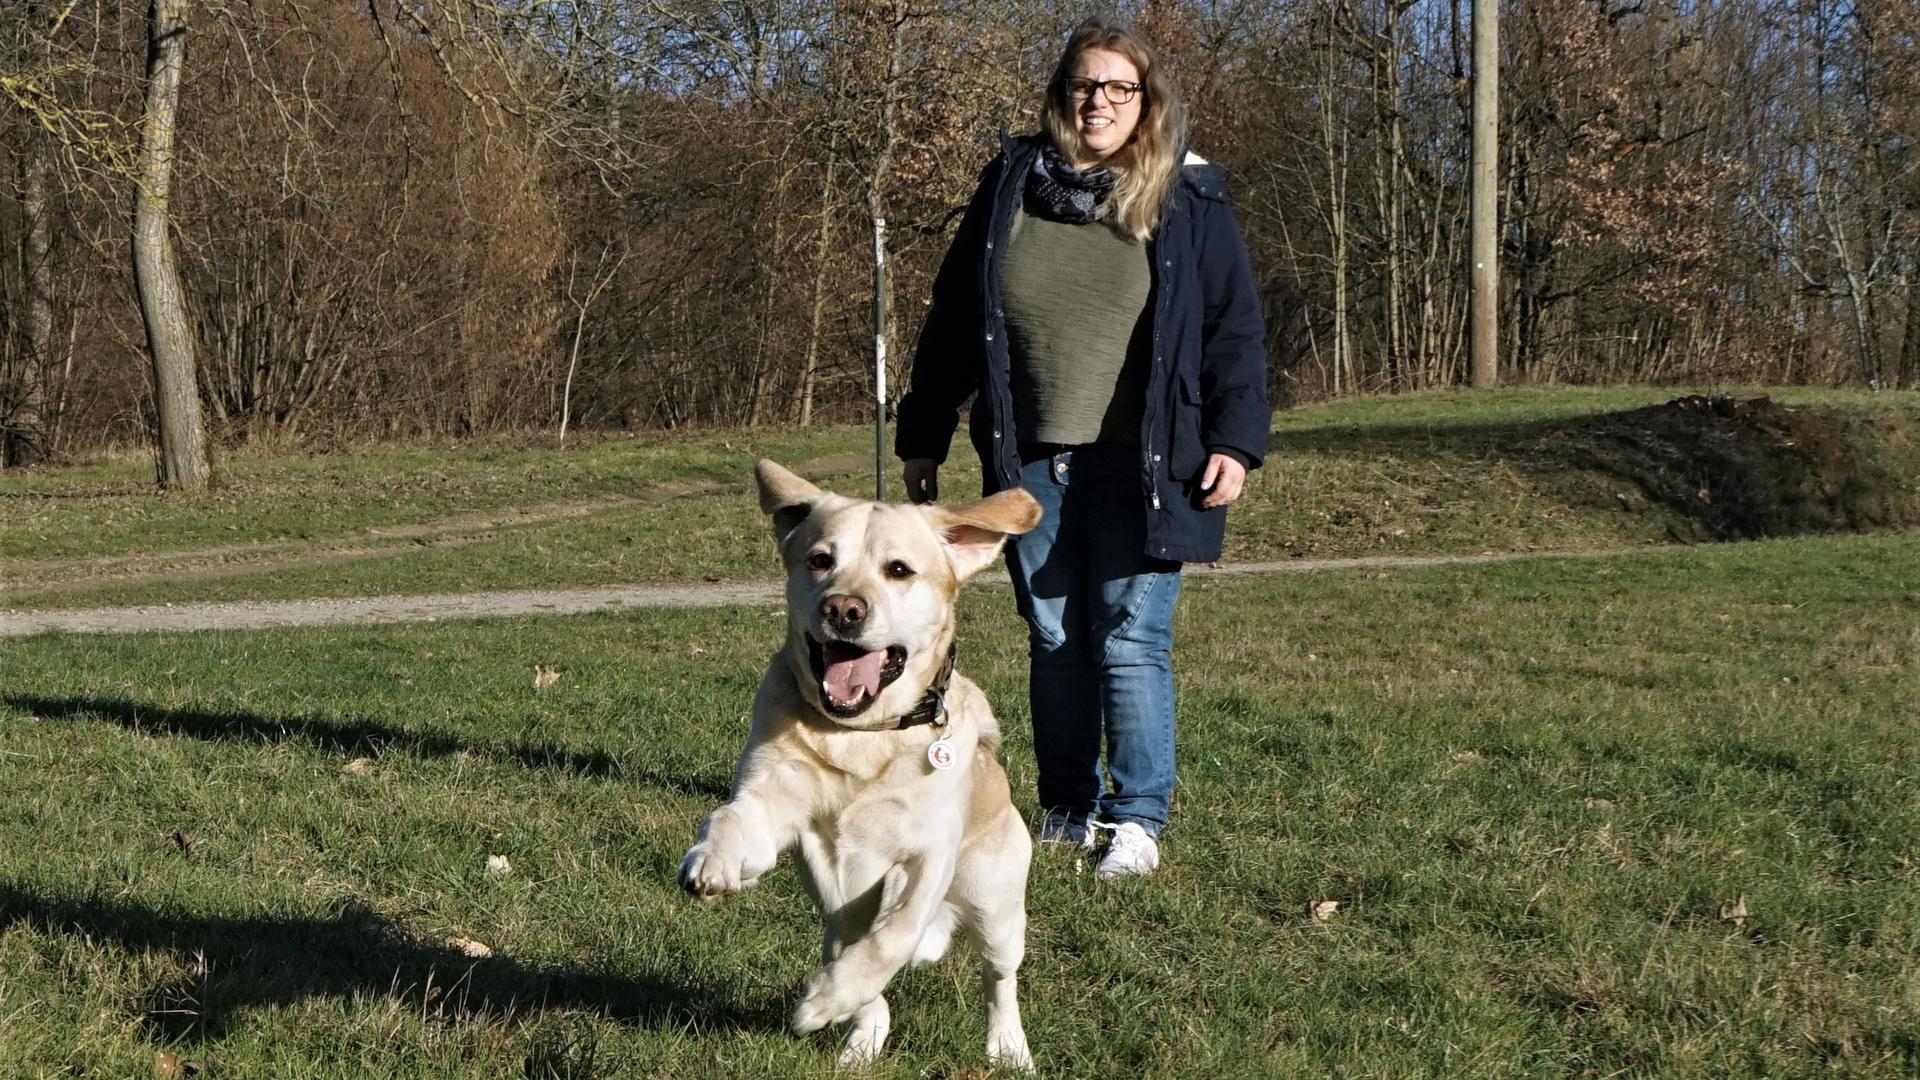 Therapie- und Rettungshund Legolas mit Frauchen Nicole Rheinschmidt aus Bischweier